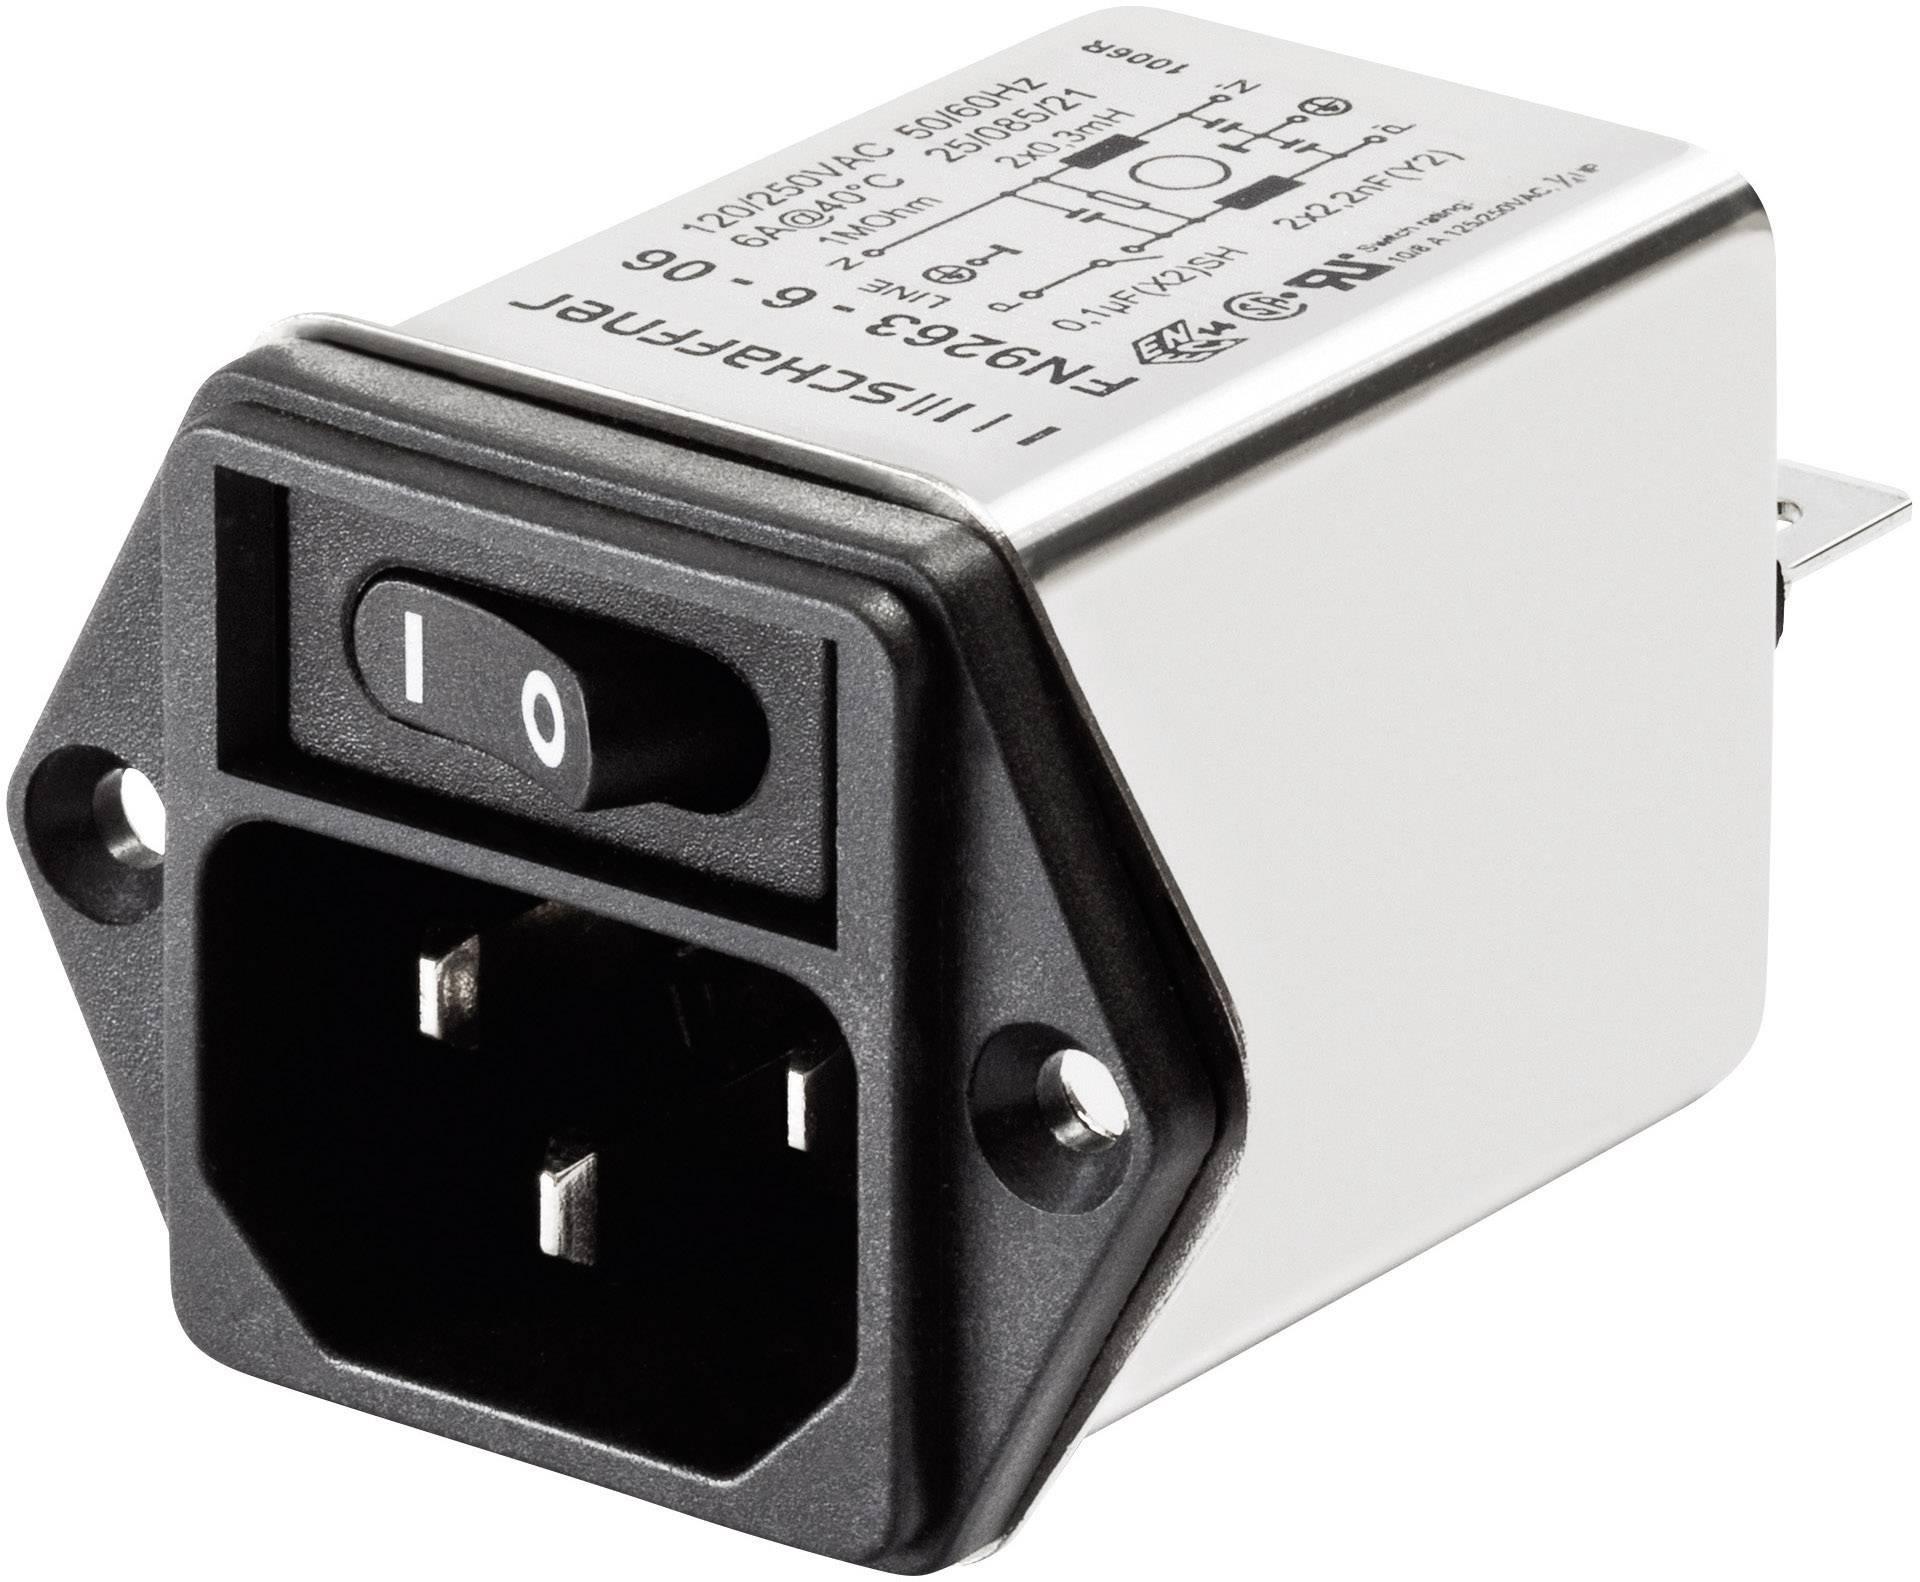 Sieťový filter Schaffner FN 9263-3-06 FN 9263-3-06, s IEC zásuvkou, 250 V/AC, 3 A, 2 mH, (š x v) 46 mm x 32.2 mm, 1 ks